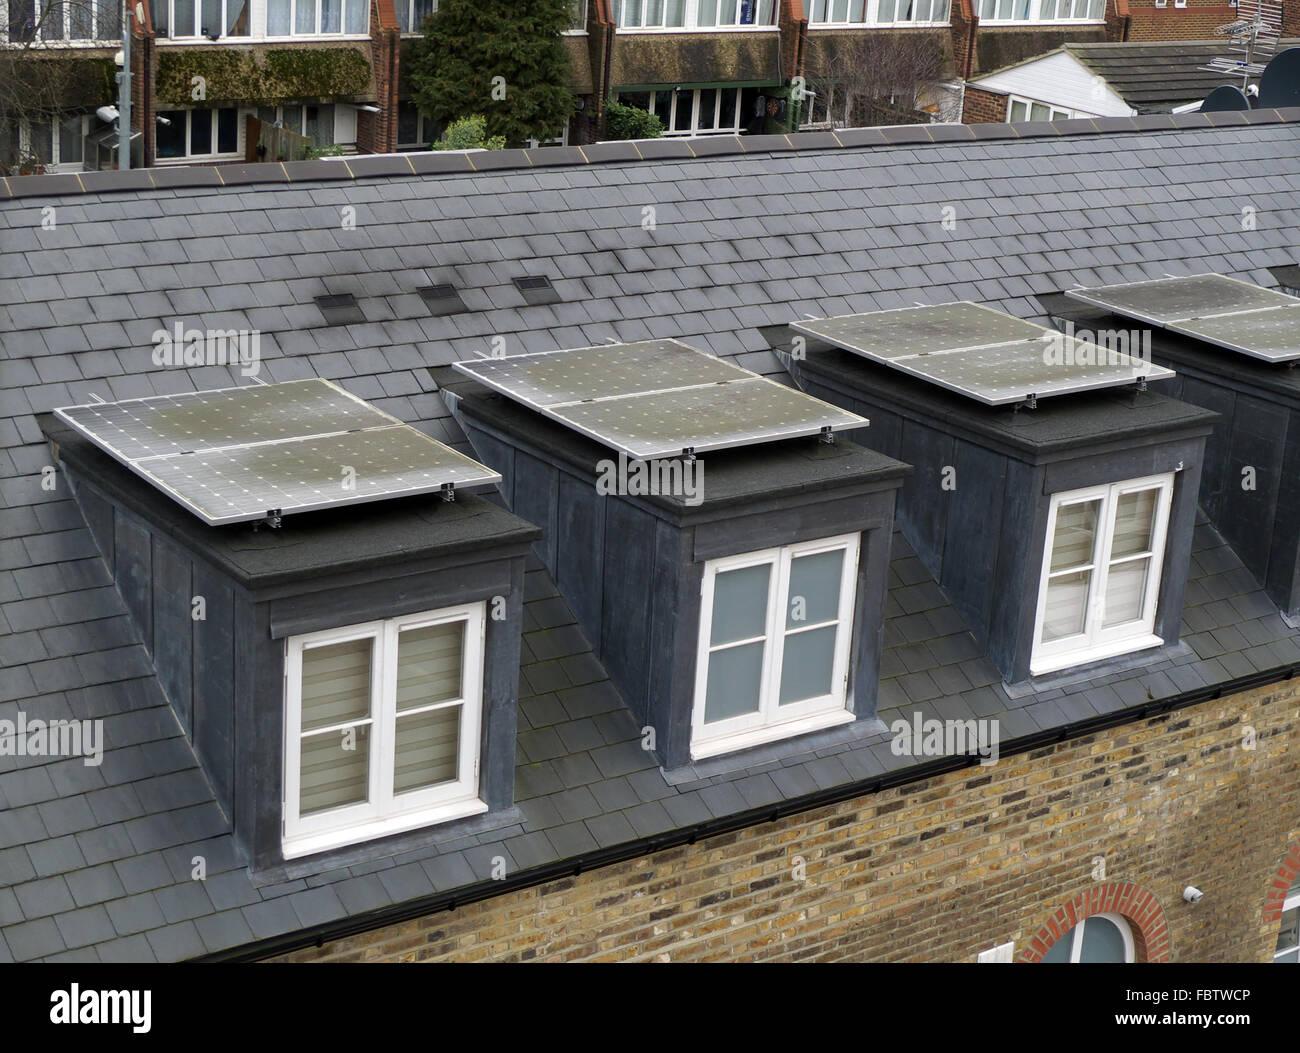 Sucio de paneles solares en tejados abuhardilladas, Brentford, Londres, Reino Unido. En necesidad de limpieza. Imagen De Stock